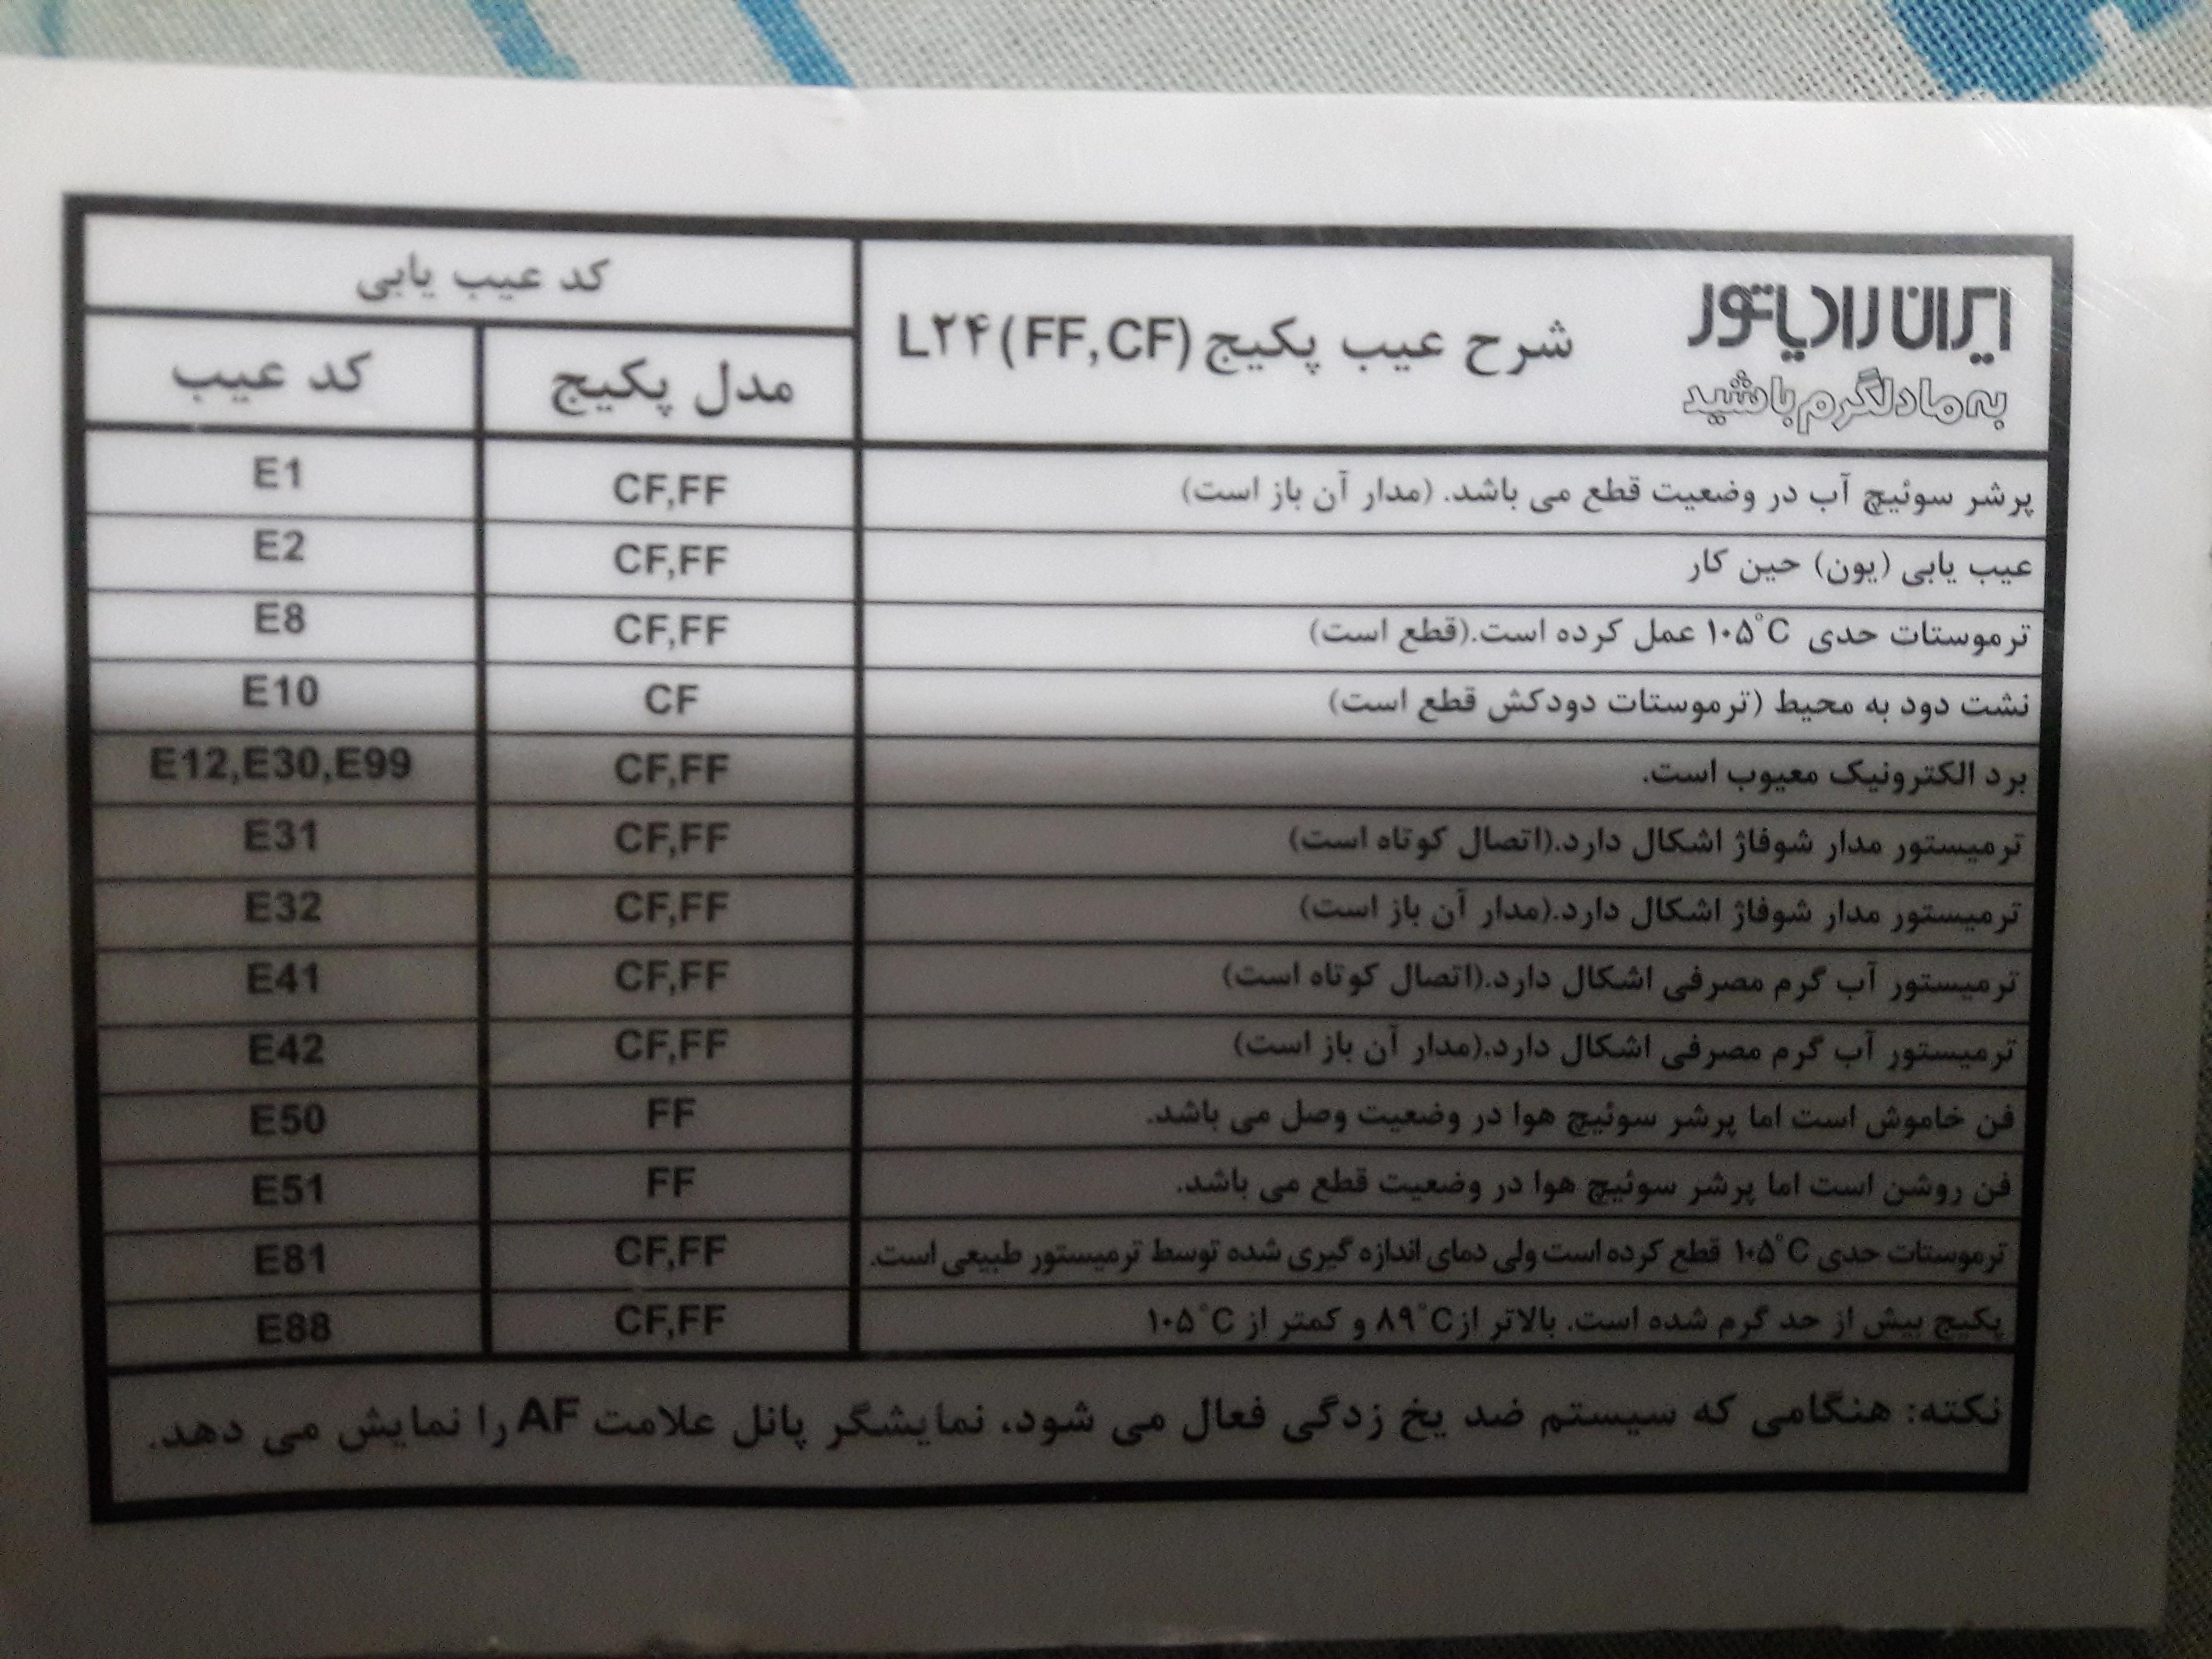 قیمت پکیج و شوفاژ ایران رادیاتور